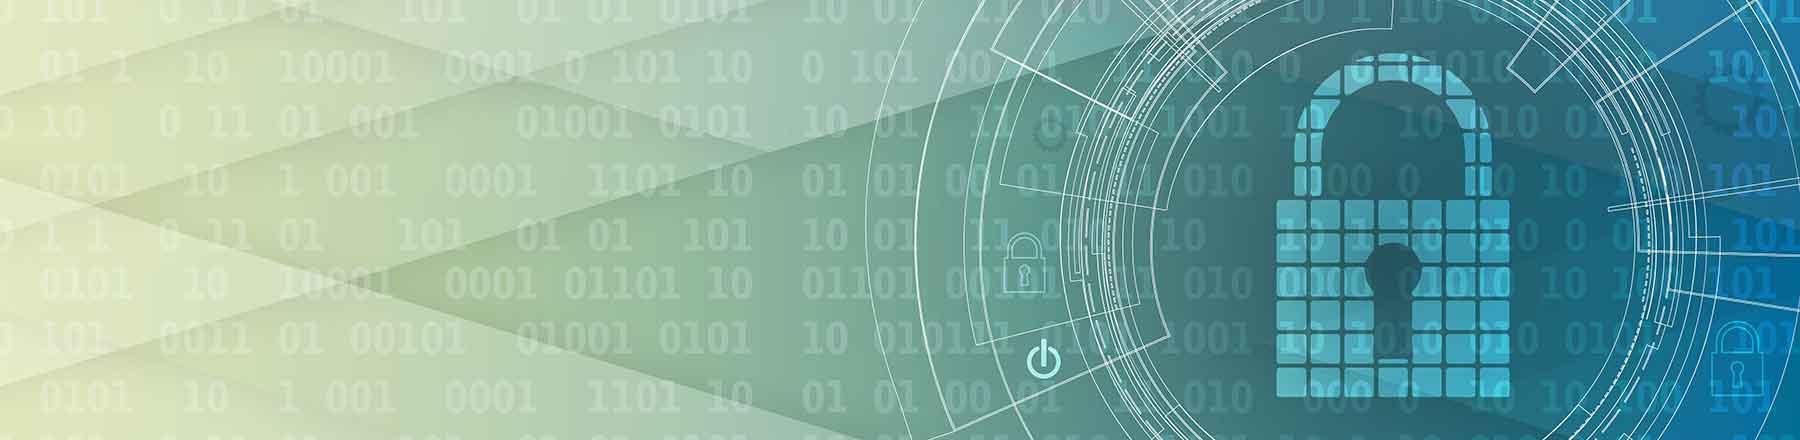 Datenschutzerklärung Anwaltsbüro Quirmbach & Partner